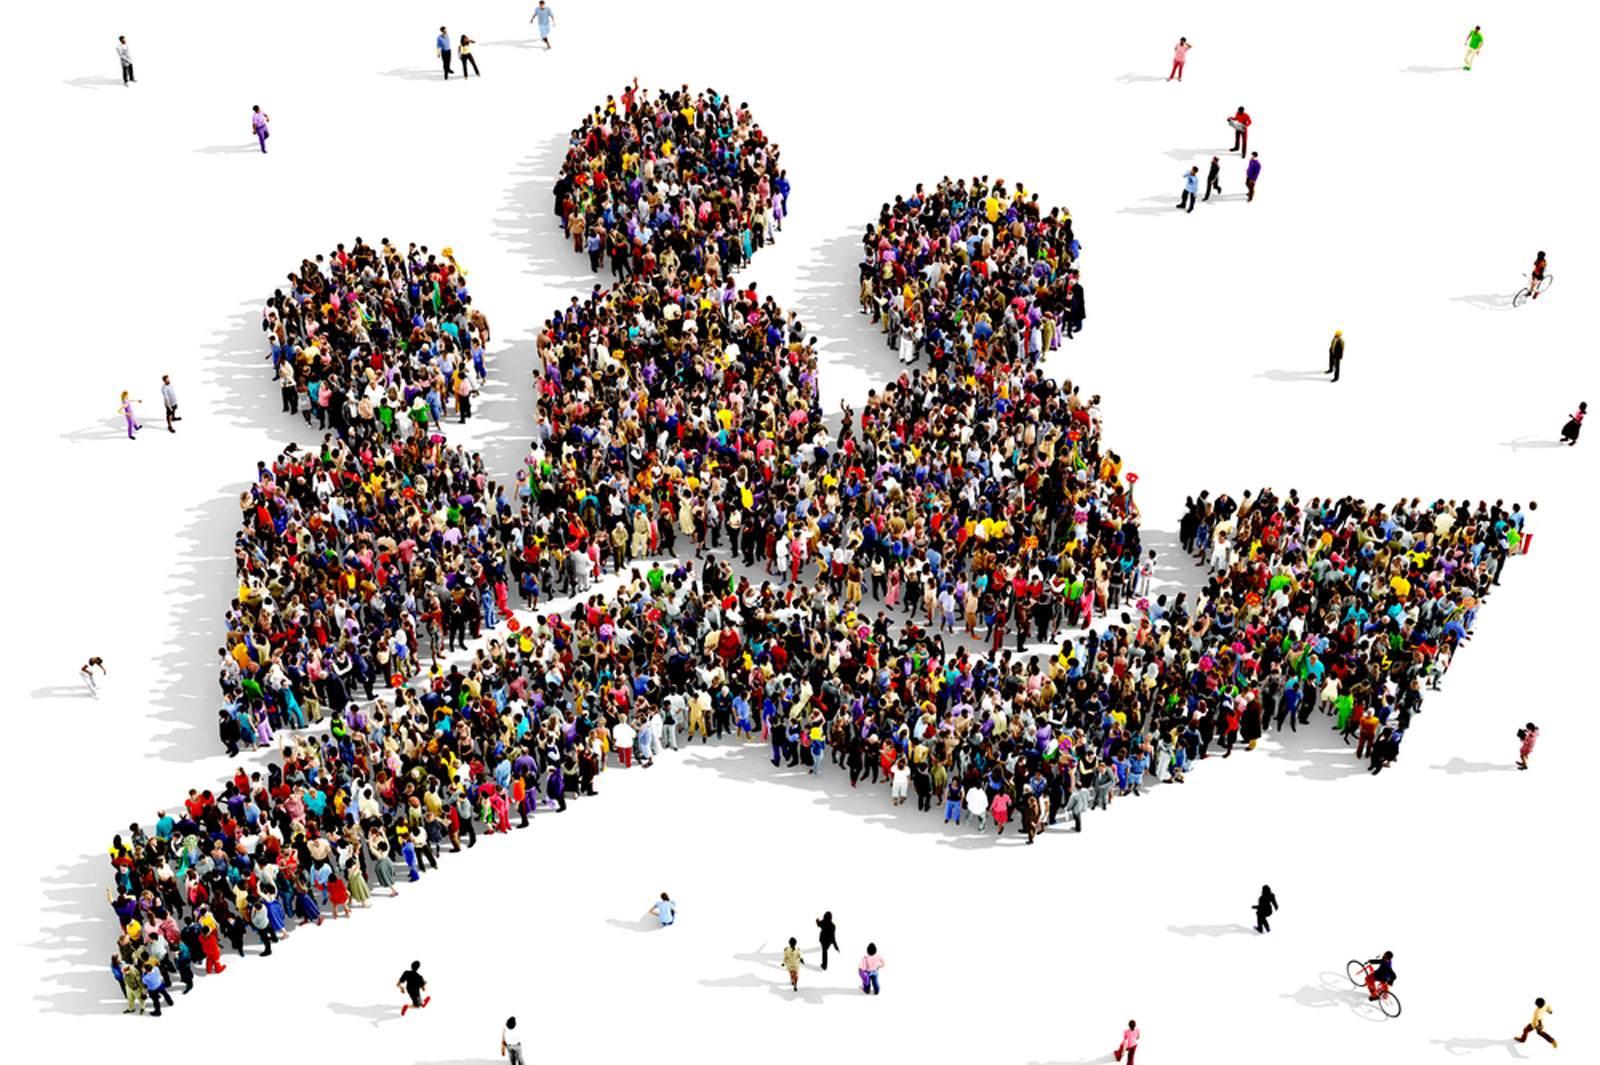 2050 yılında dünyanın en kalabalık nüfusuna sahip olacak kentler